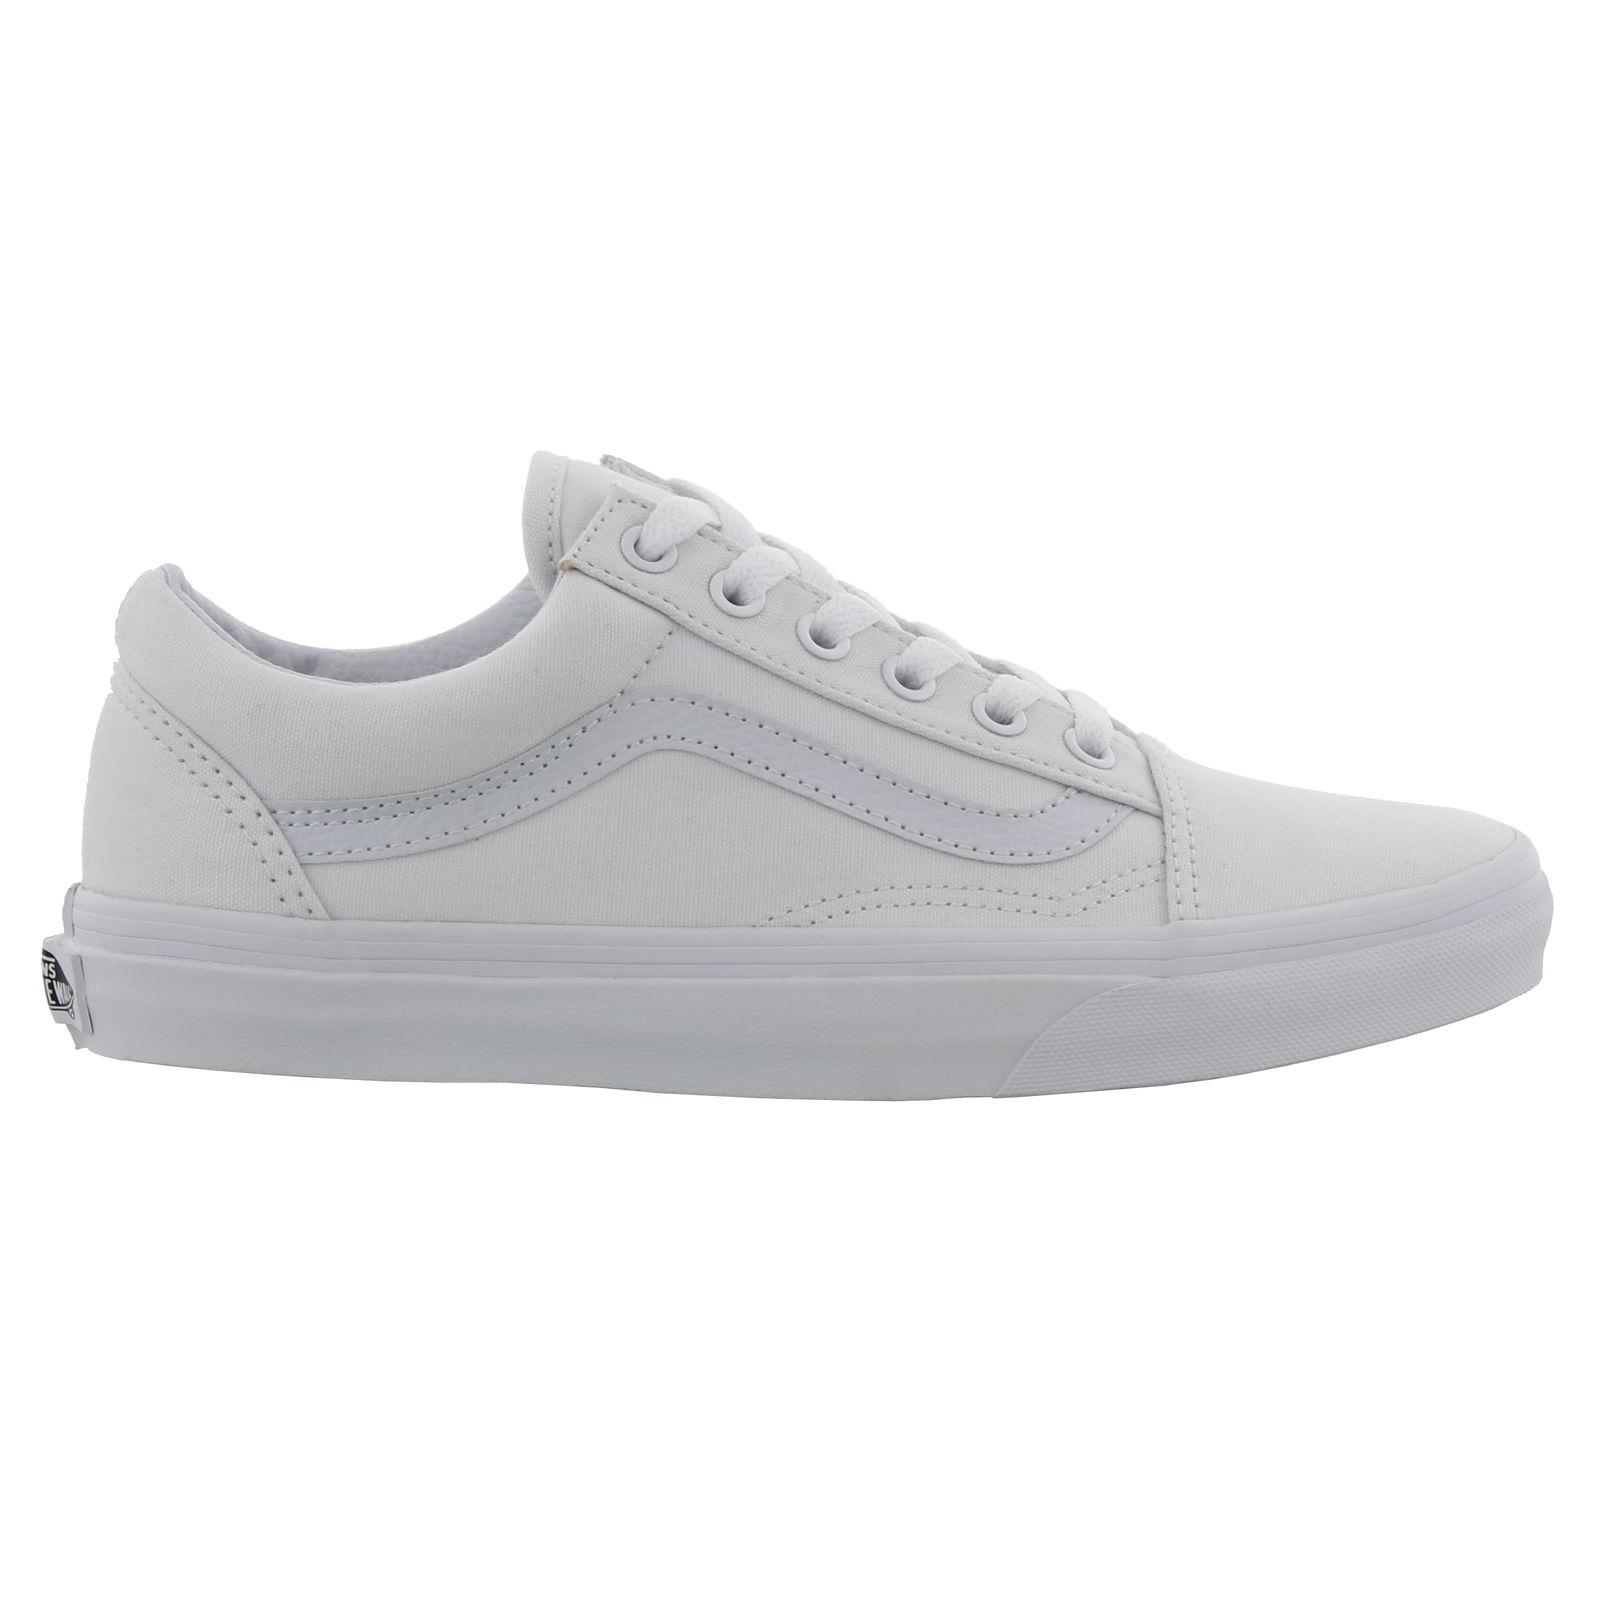 Detalles de Vans Skool para hombres Para mujeres Clásico Blanco Old Skate  Shoes Trainers- ver título original 3b91705f3f1